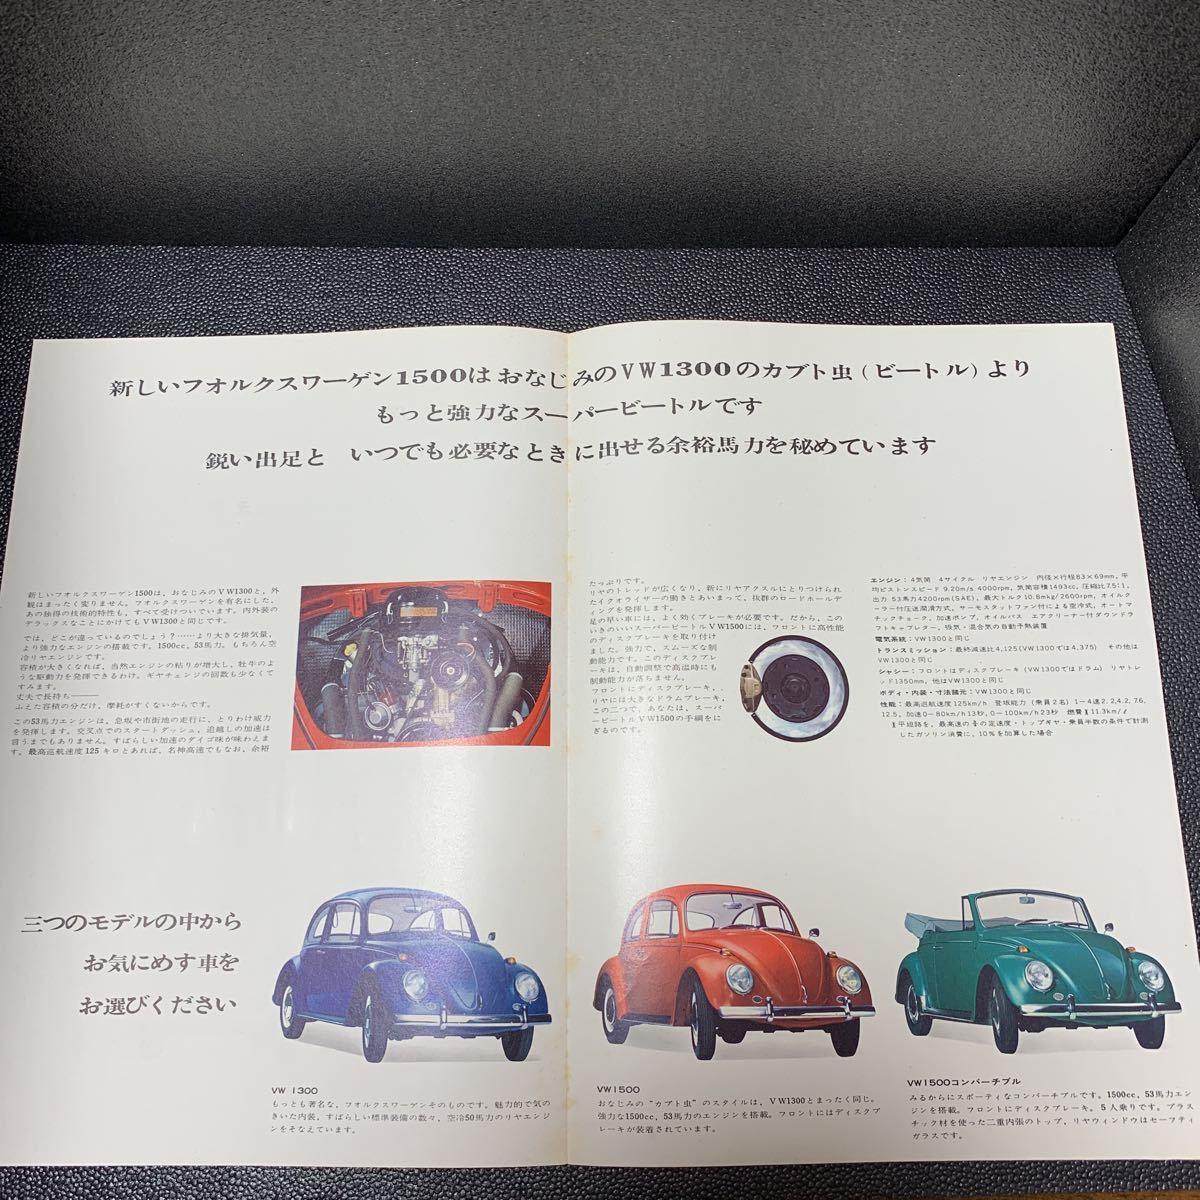 VW フォルクスワーゲン 空冷 ビートル タイプ1 柳瀬 ヤナセ 当時物 リーフレットカタログ _画像2